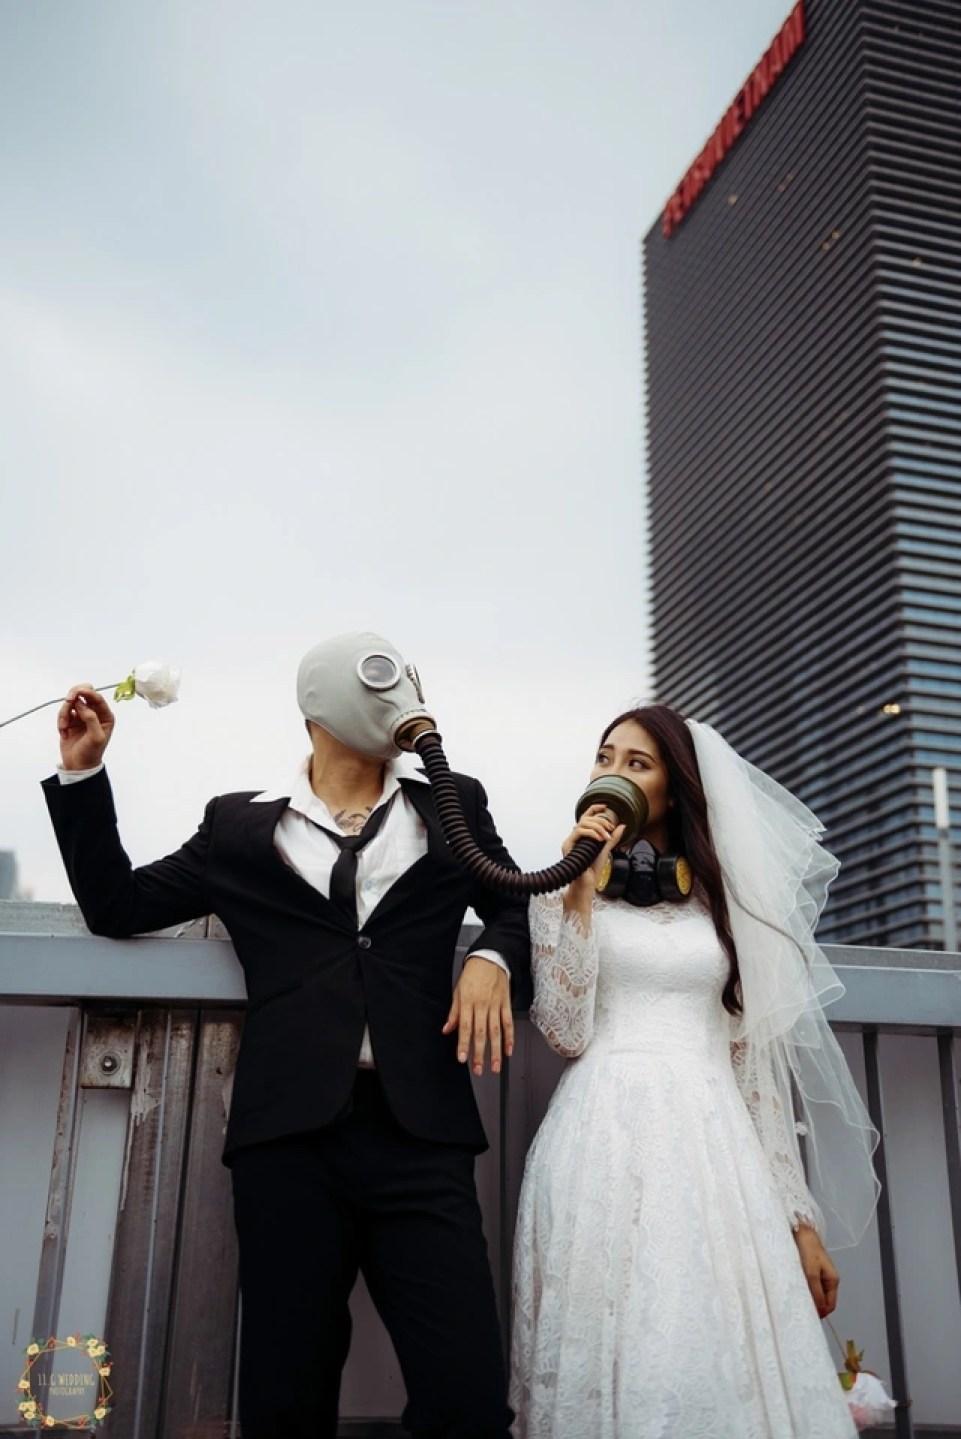 Bộ ảnh đeo mặt nạ cảnh báo ô nhiễm không khí gây ám ảnh dân mạng - 6